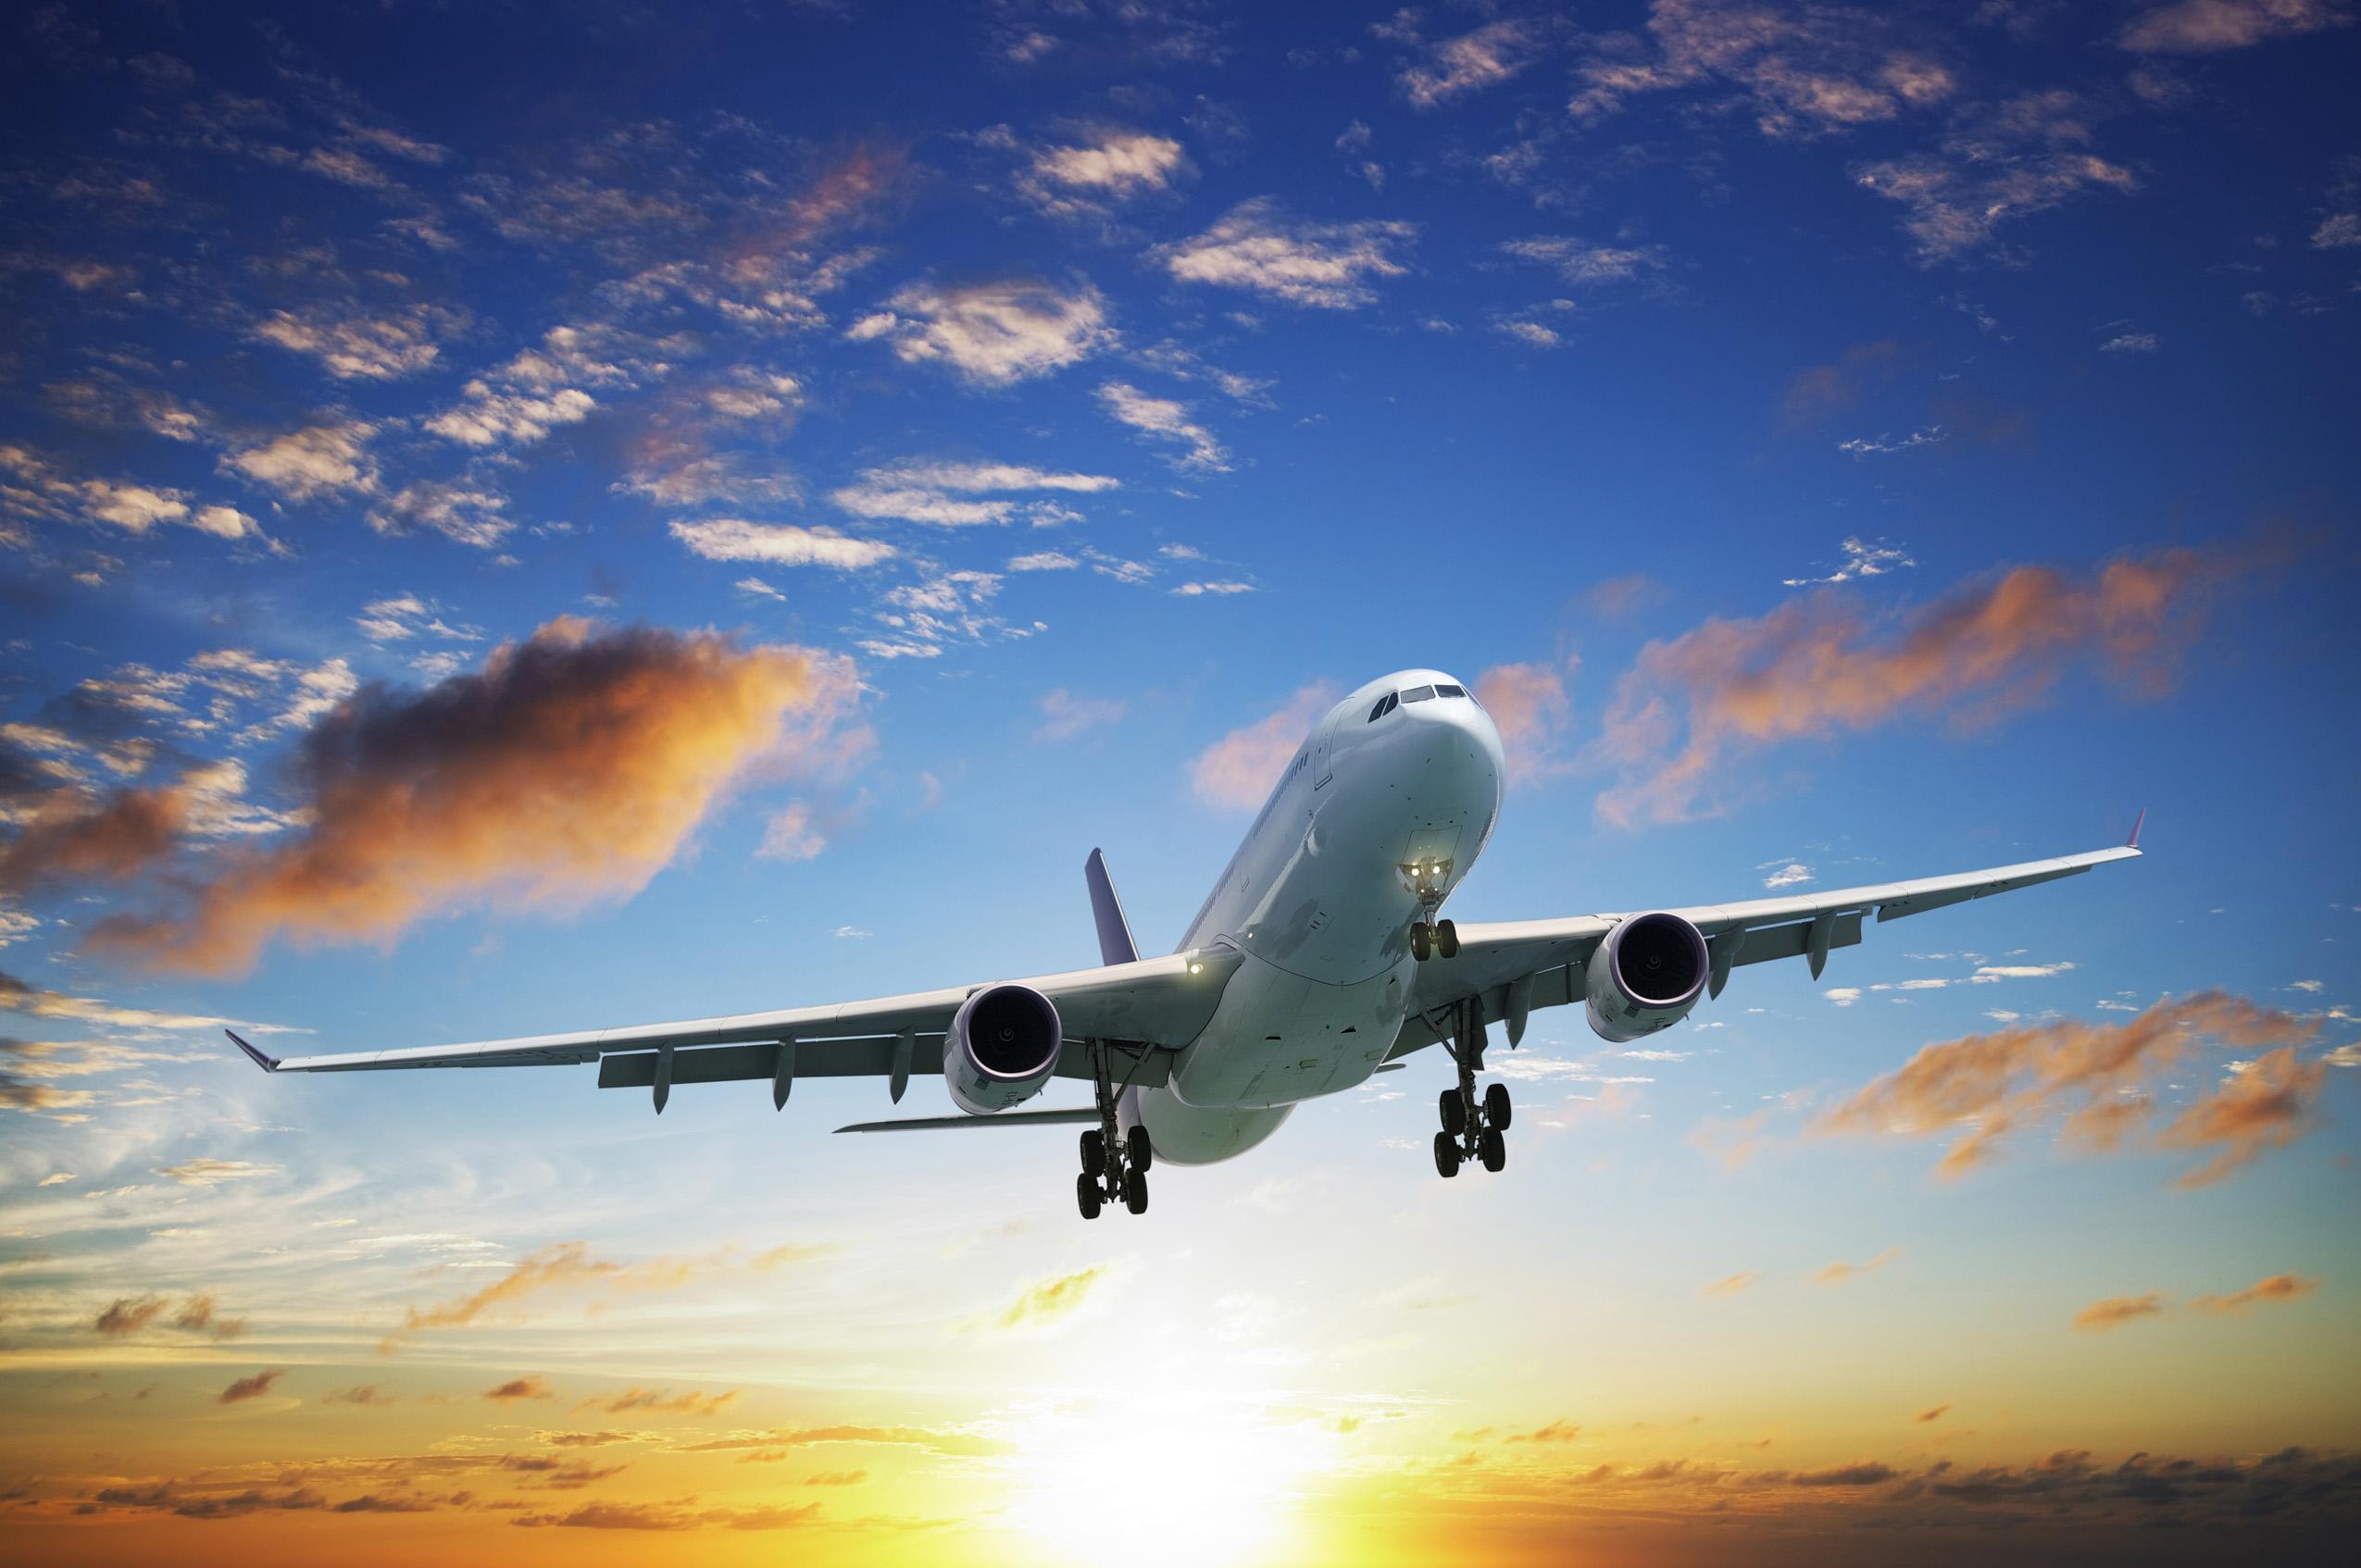 بیش از 20 هزار مجوز پرواز فوق العاده برای نوروز صادر شد